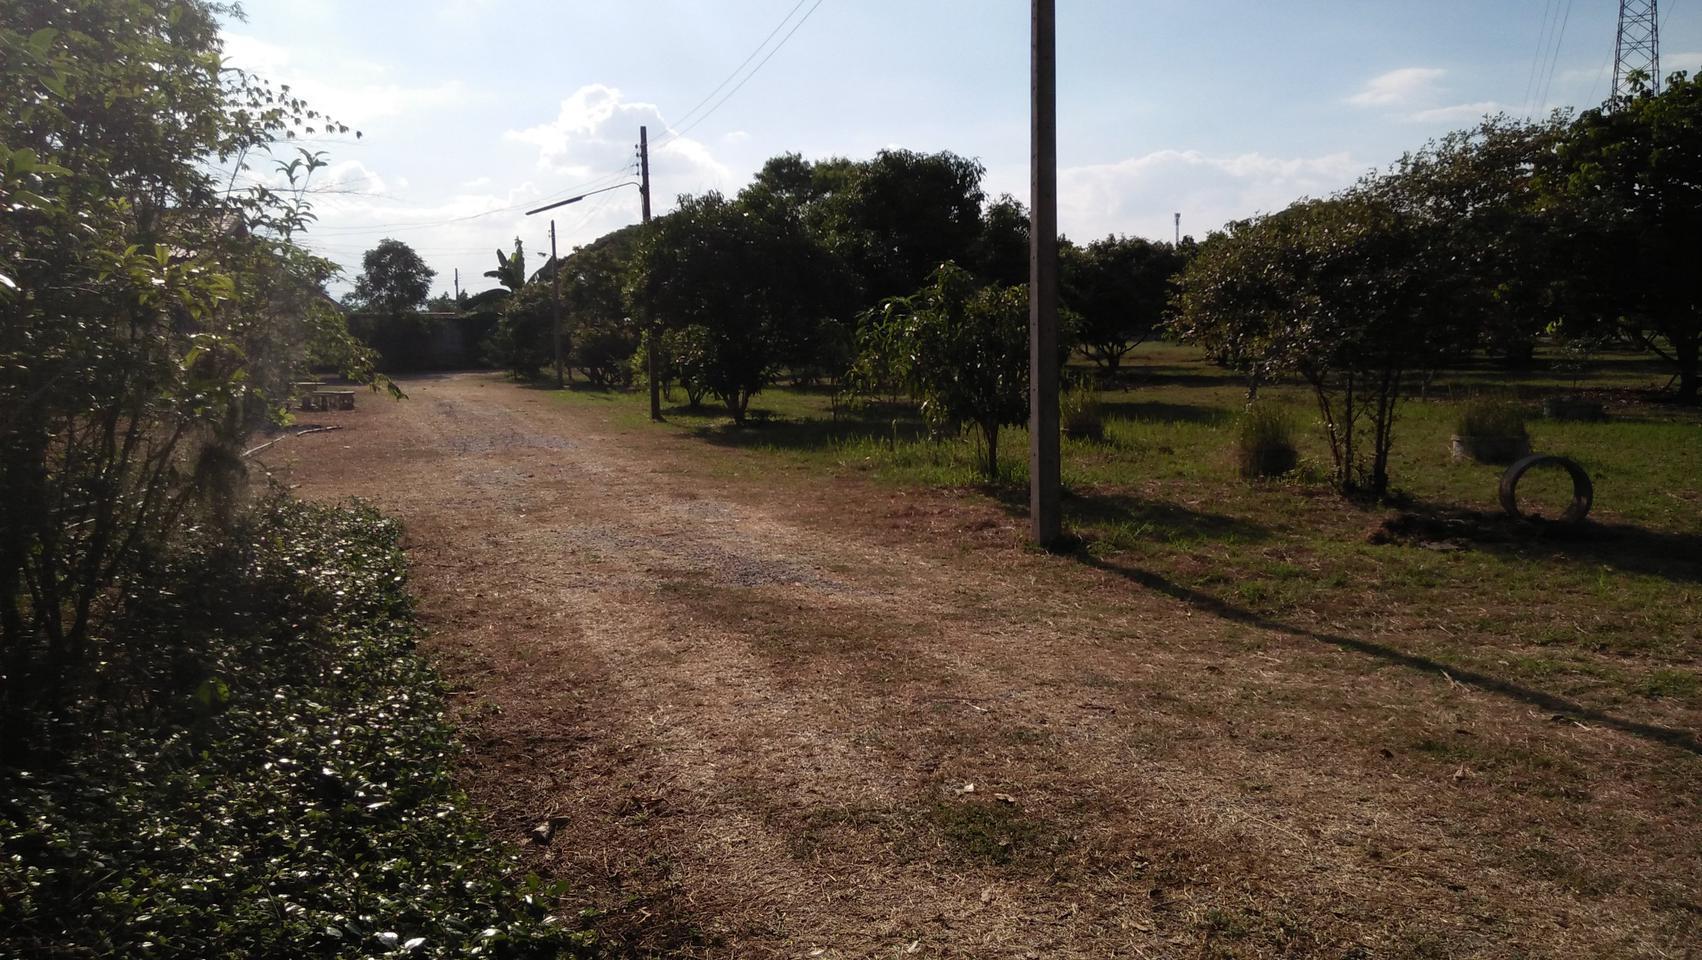 ที่ดินพร้อมสวนขนาดใหญ่ ติดห้วยลำธาร แหล่งธรรมชาติ น่าอยู่มาก รูปที่ 4